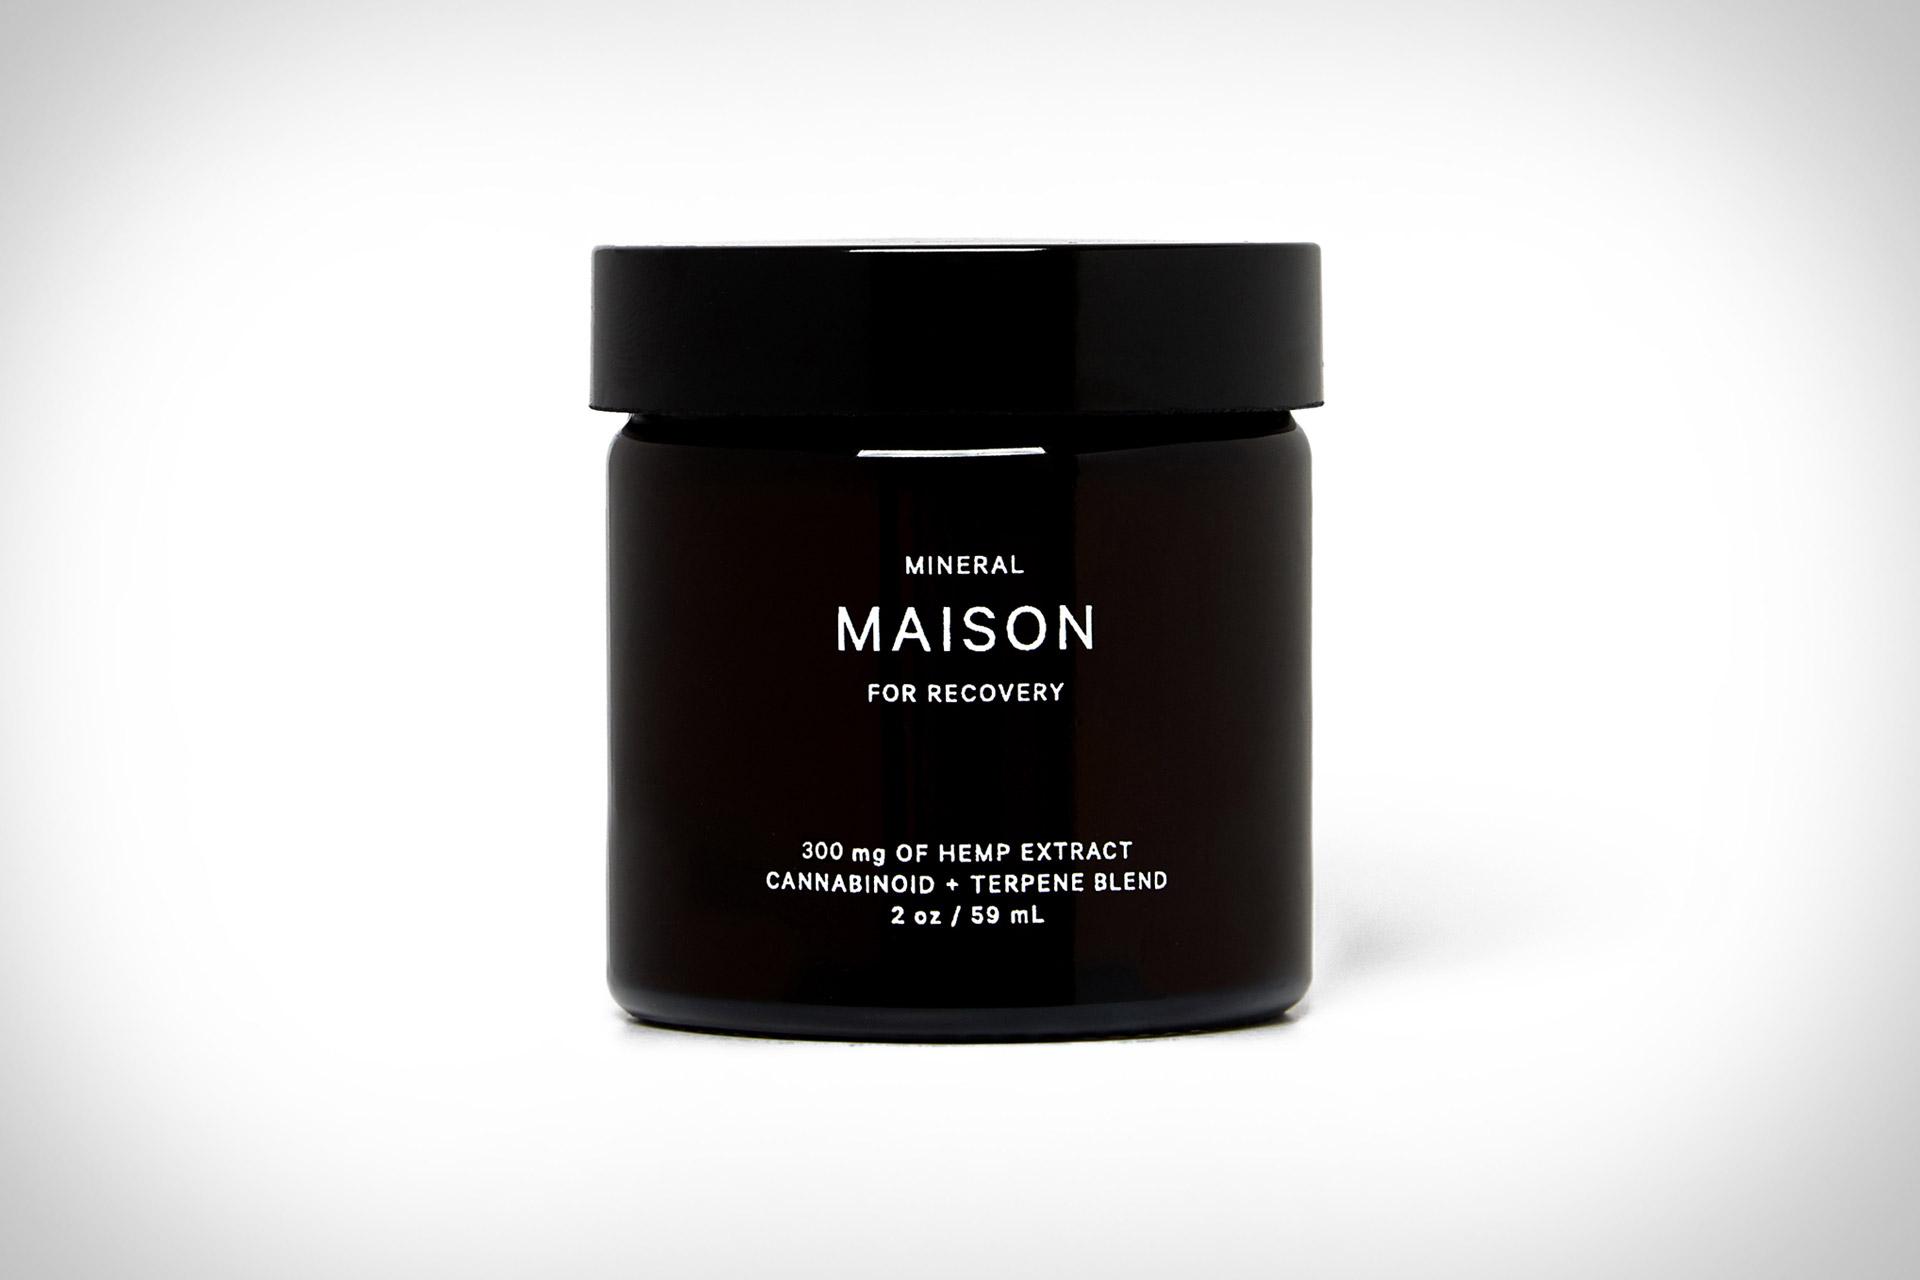 Mineral Maison Salve.